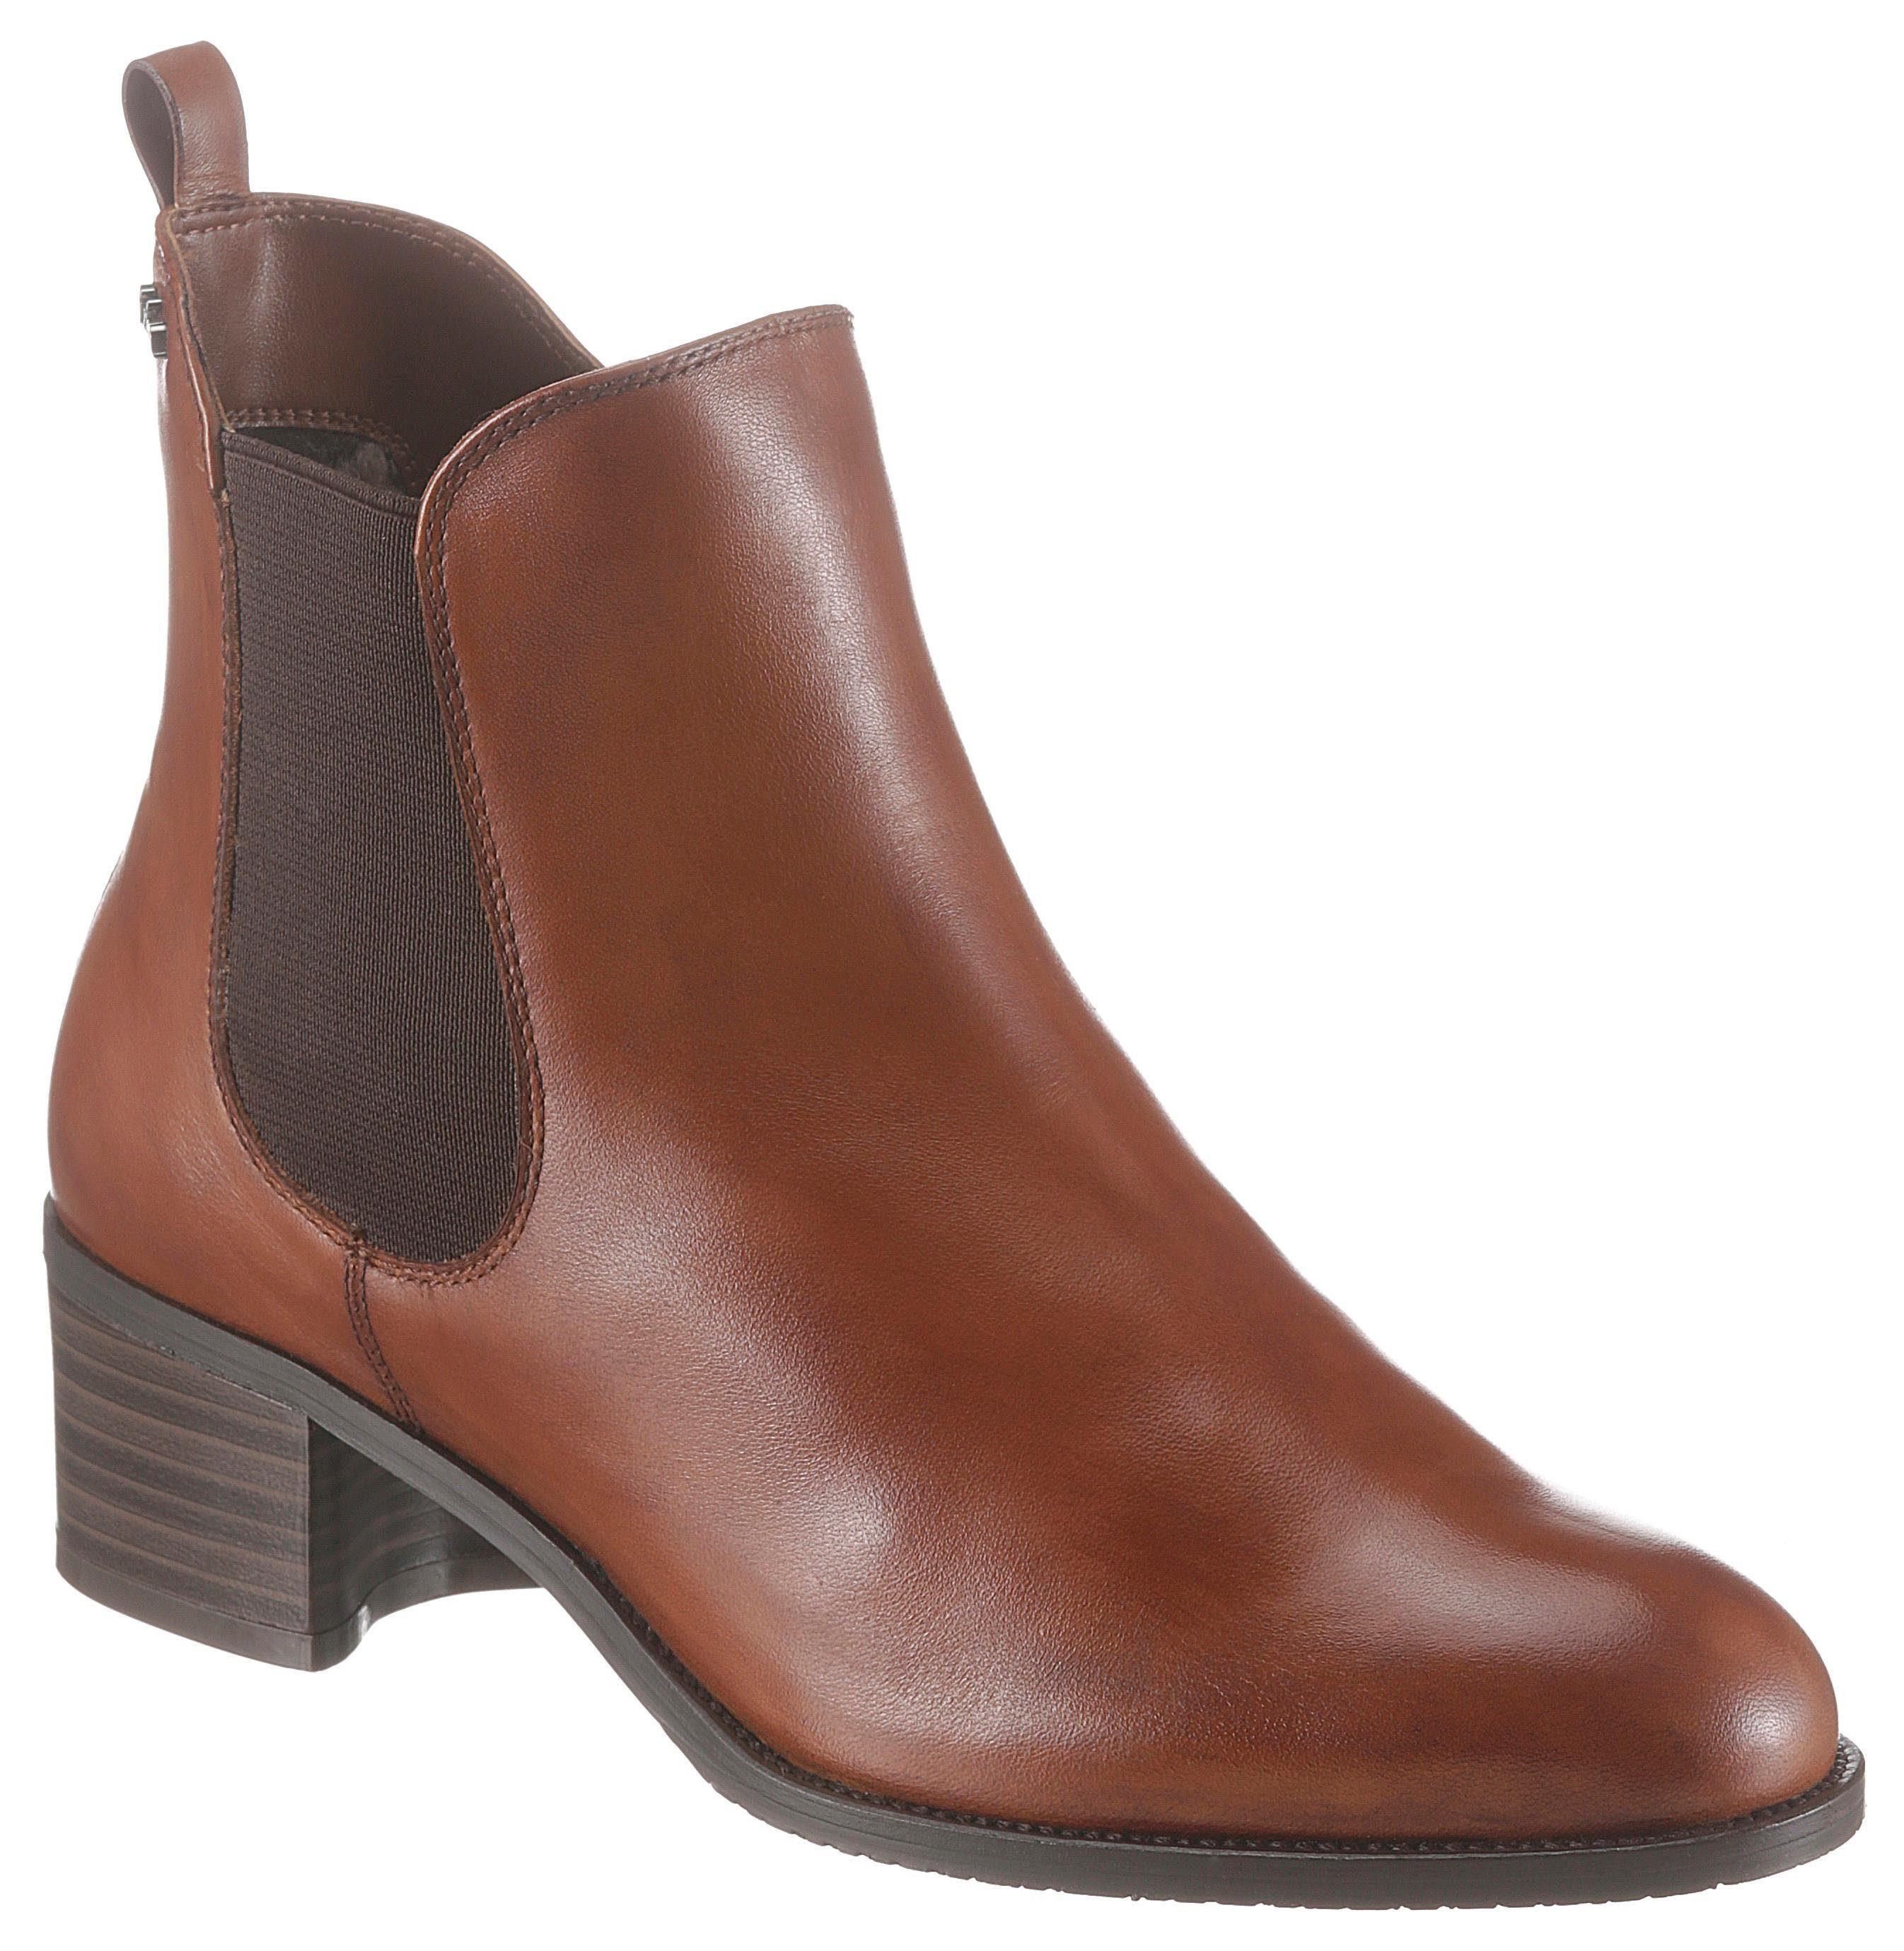 tizian SHOES Stiefelette in Schuhweite H (sehr weit) online kaufen | OTTO